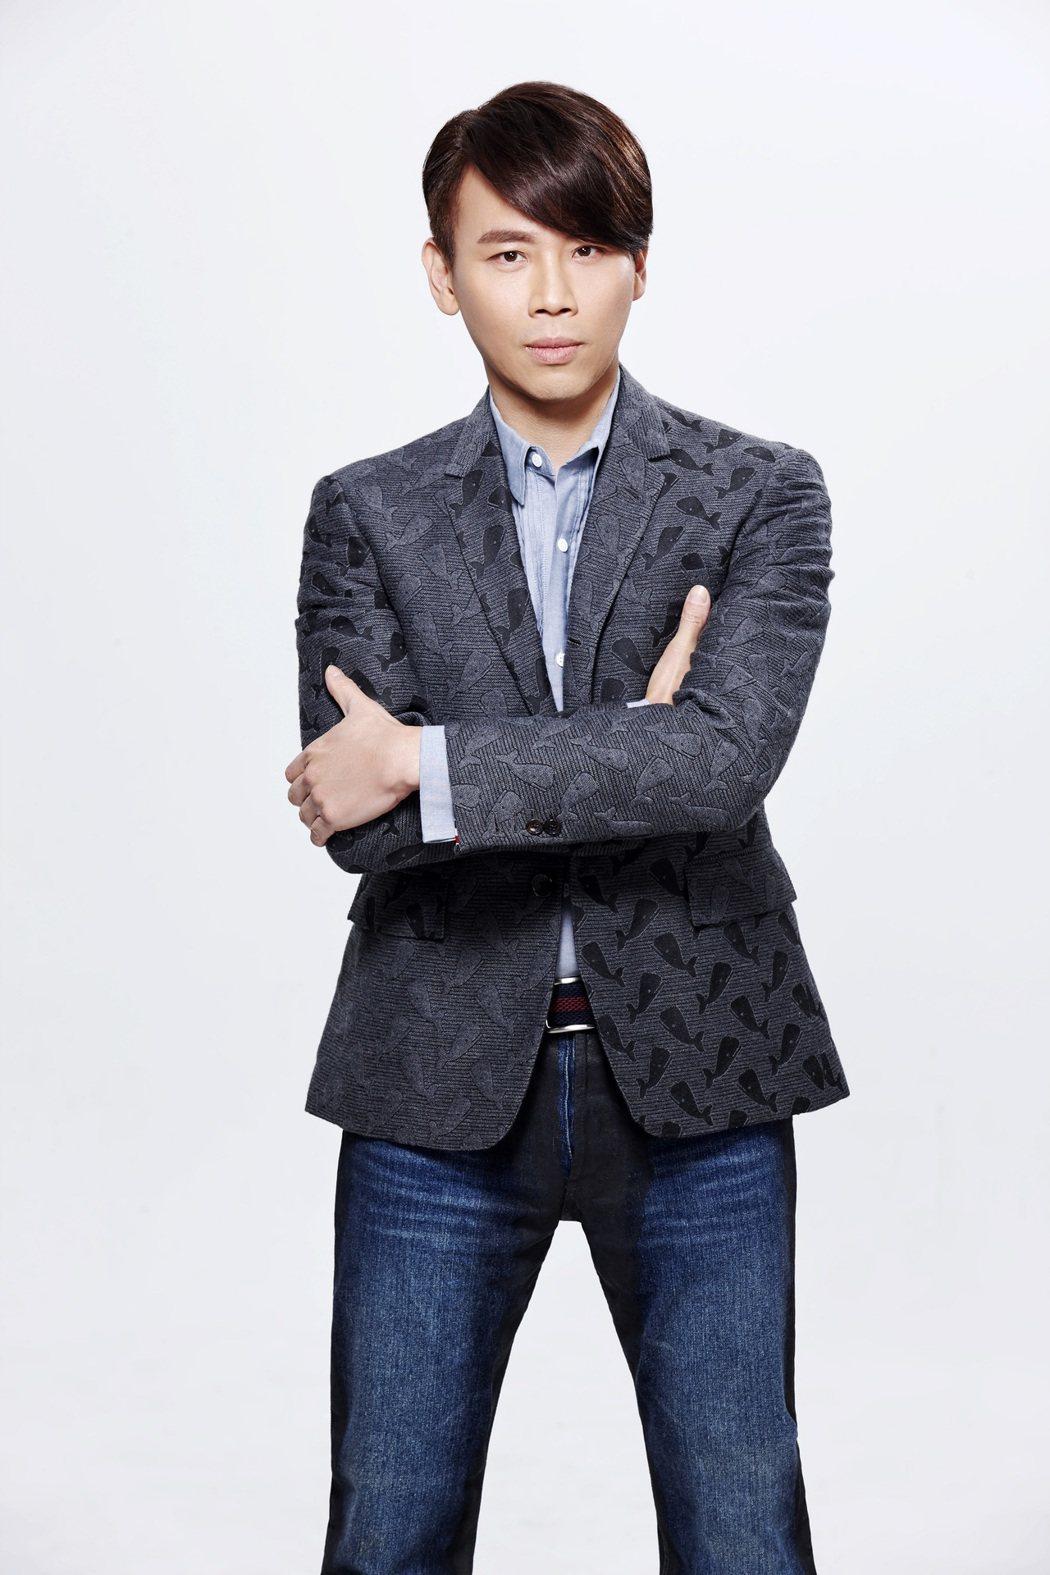 陶喆將發行新單曲「黑色星期二」。圖/種子音樂提供